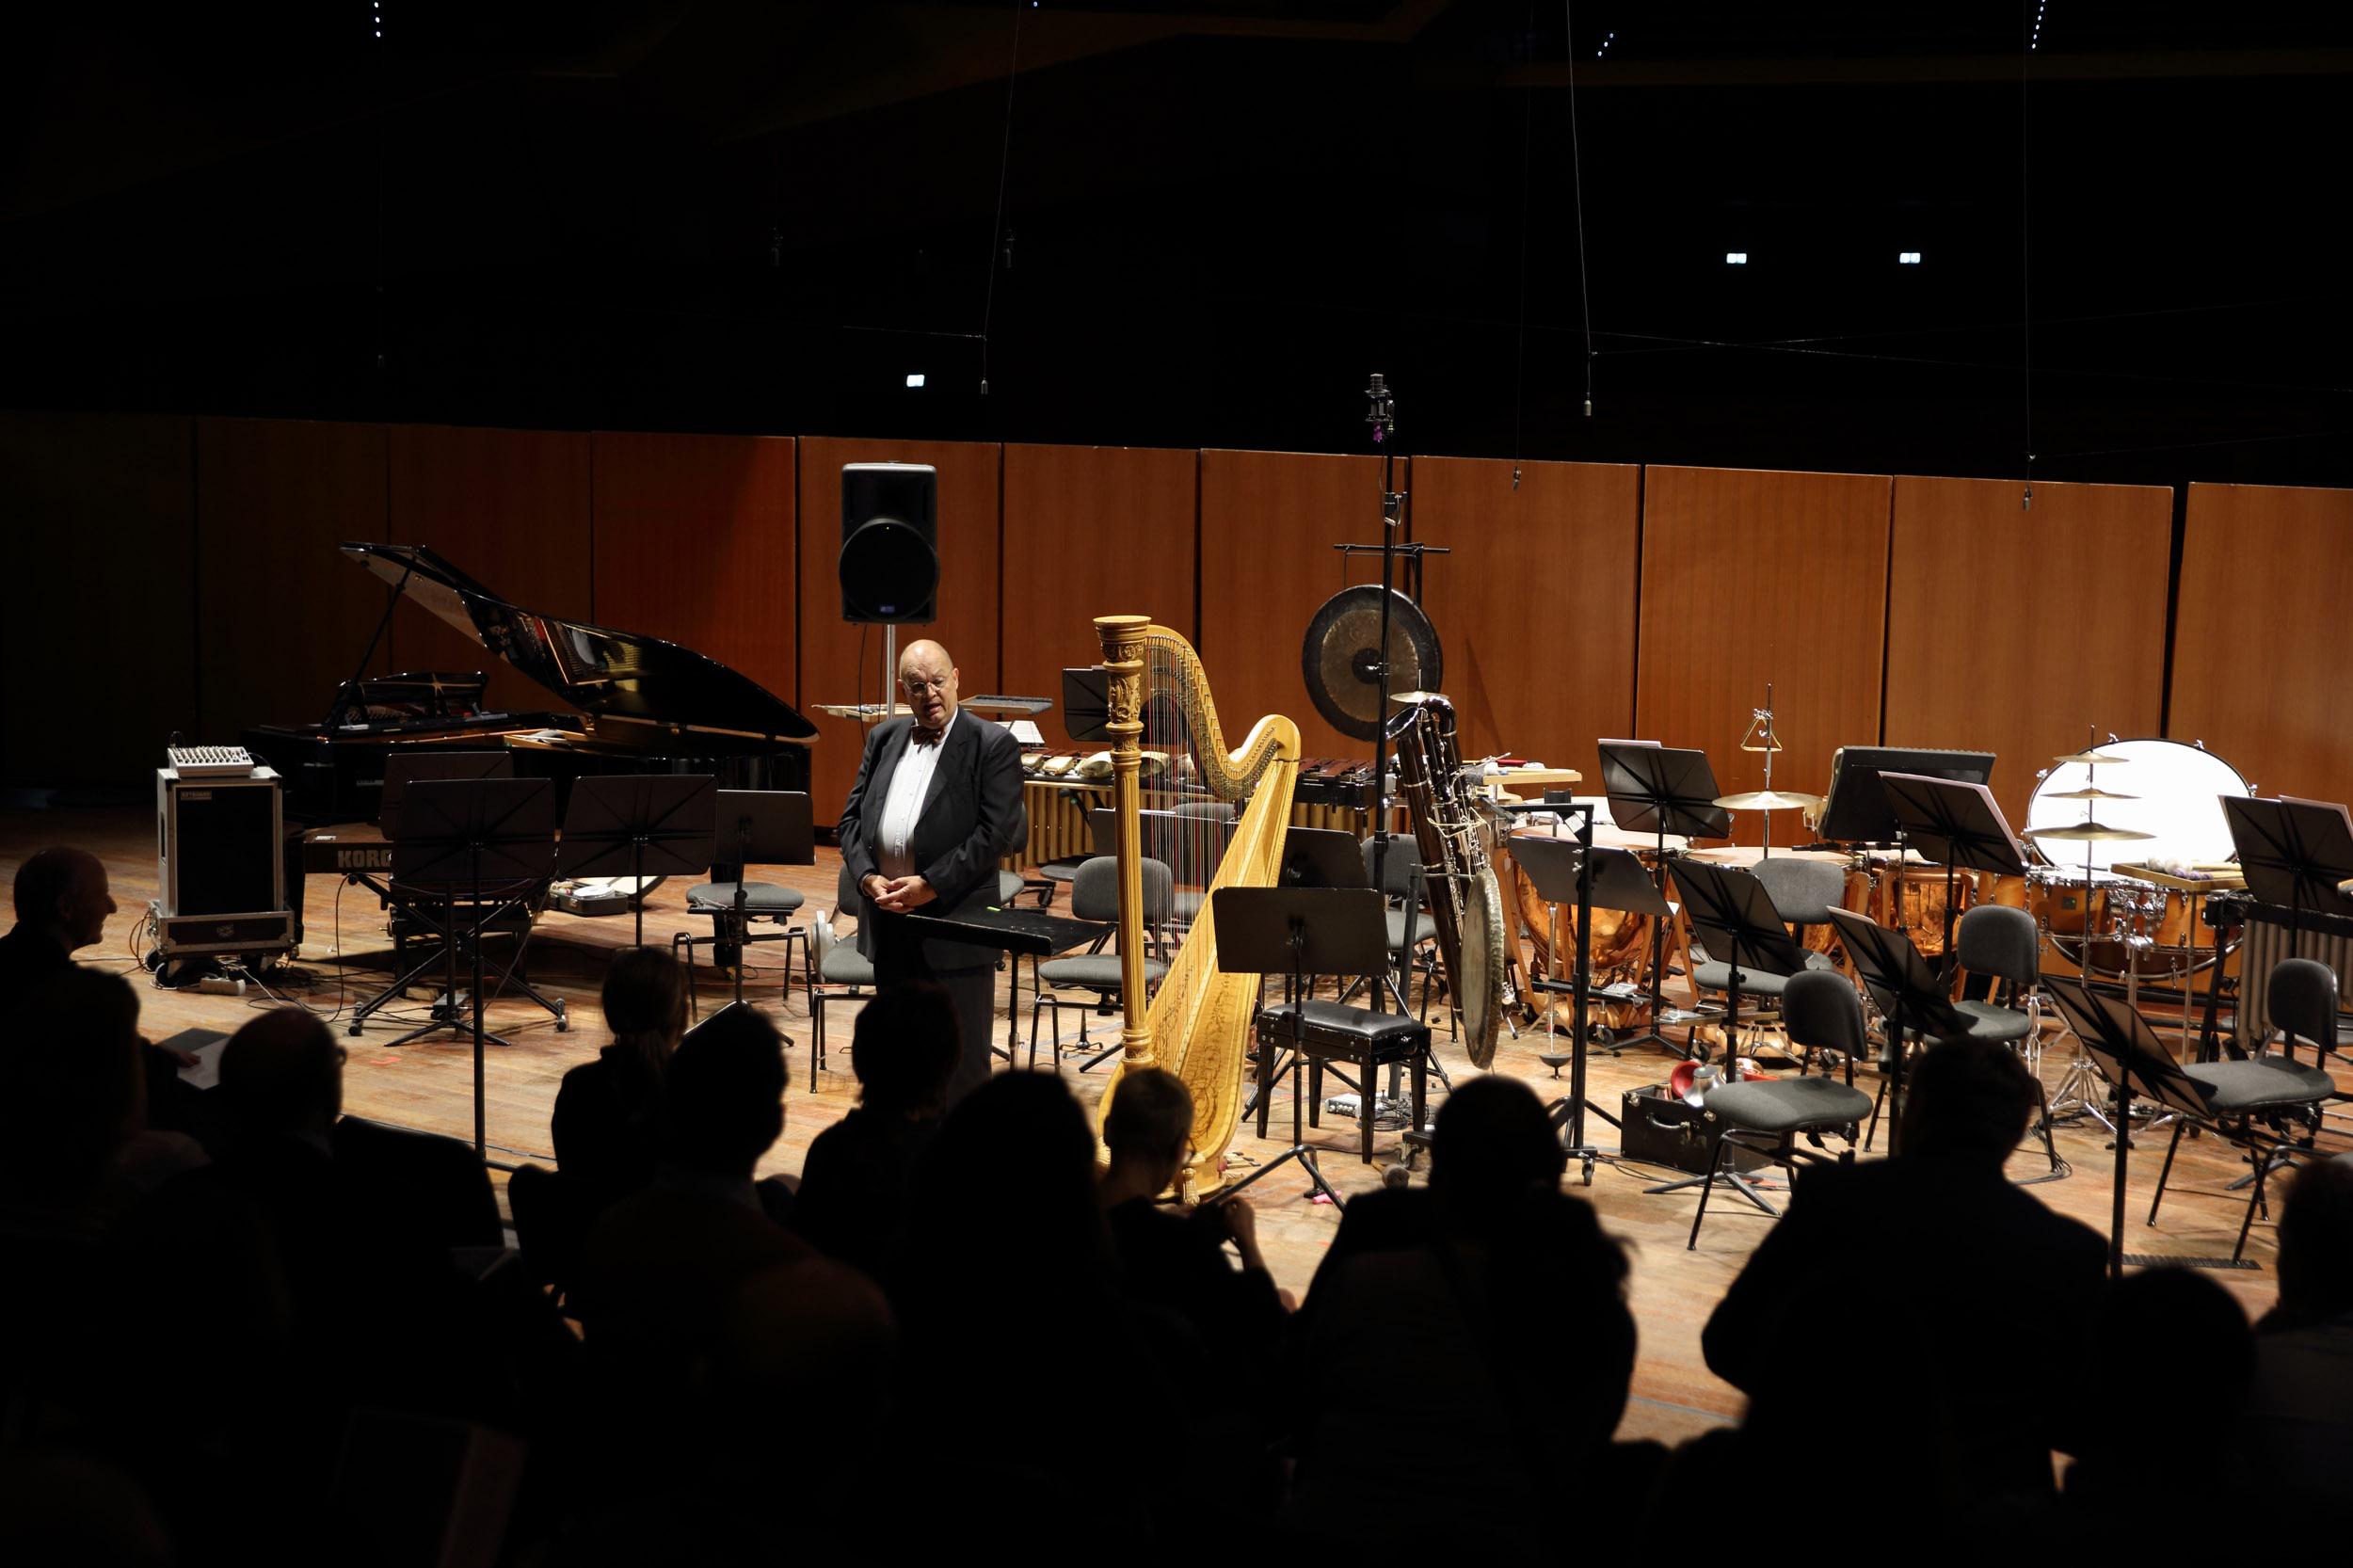 Il Concerto di Villa Massimo all'Auditorium. Foto di Alberto Novelli.